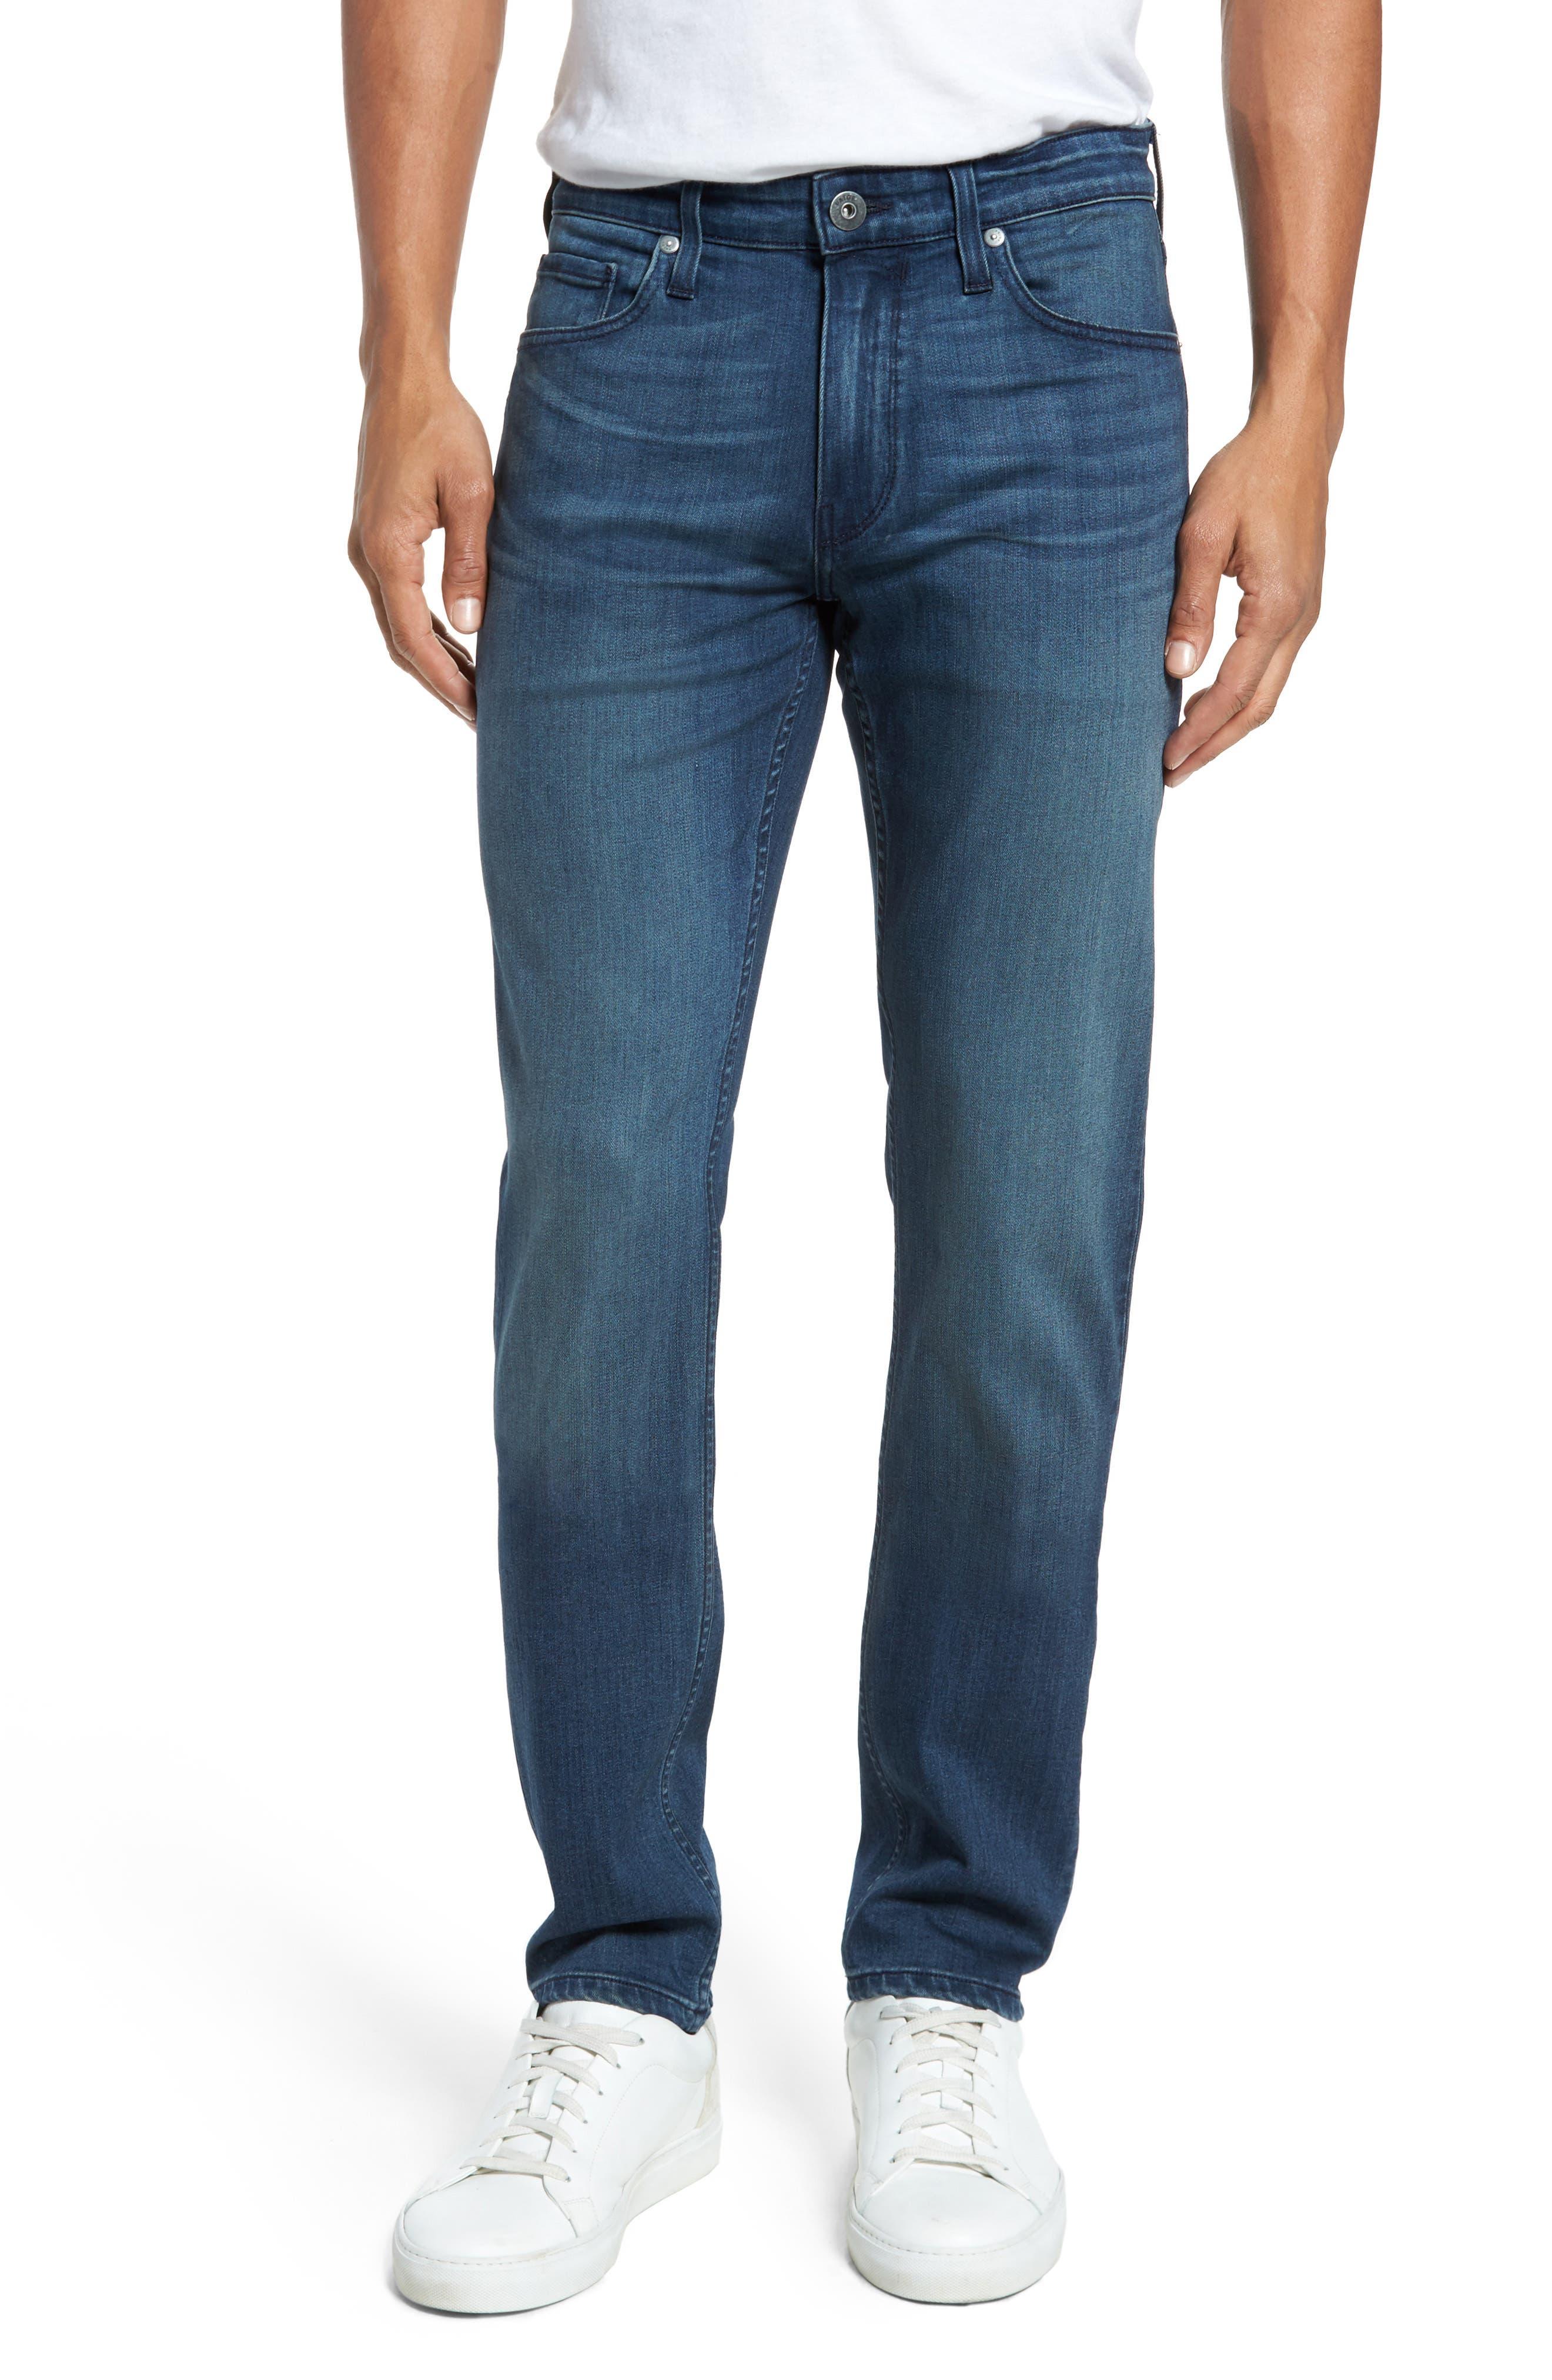 Transcend - Lennox Slim Fit Jeans,                         Main,                         color, Skyler